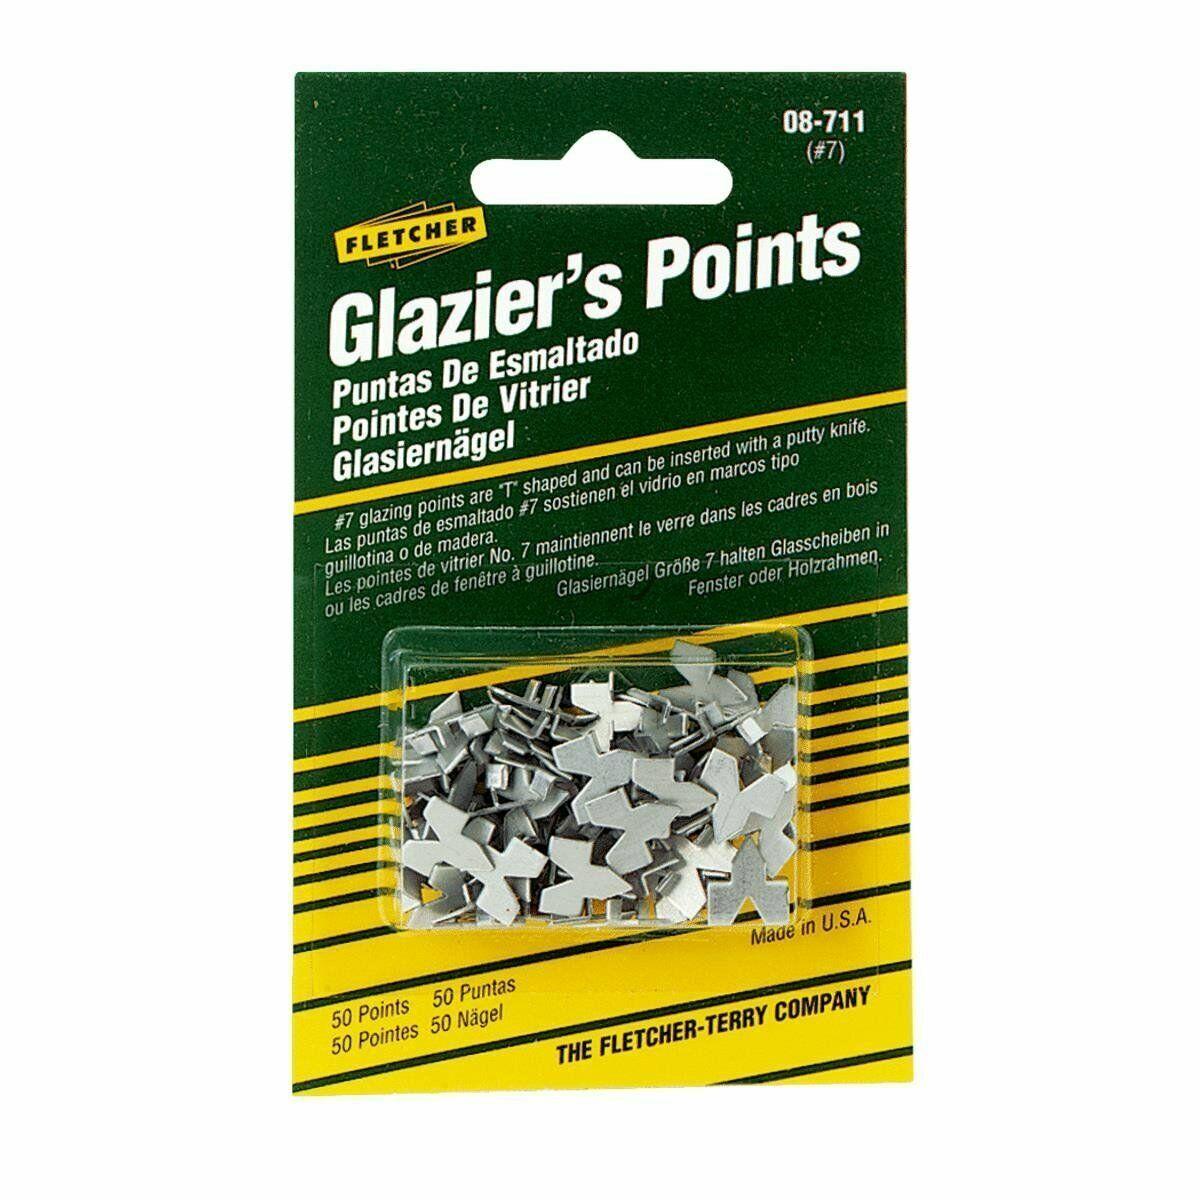 New Fletcher 50 pk Glazier's Push Points for Glazing Window Glass 08-711 Crafts